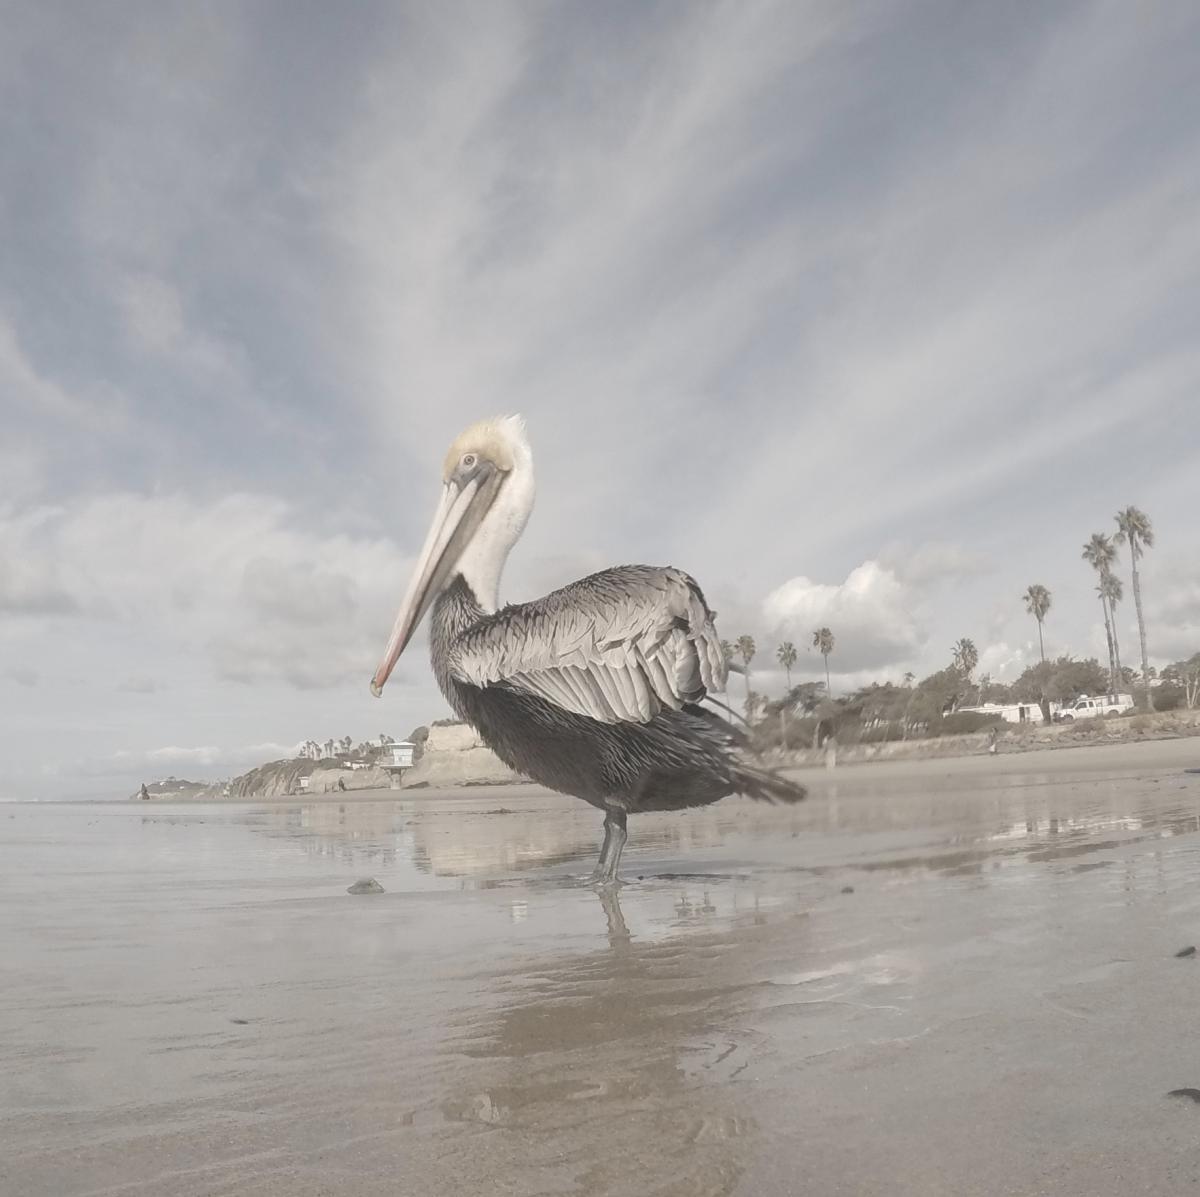 Pelican Aquatic bird Spoonbill